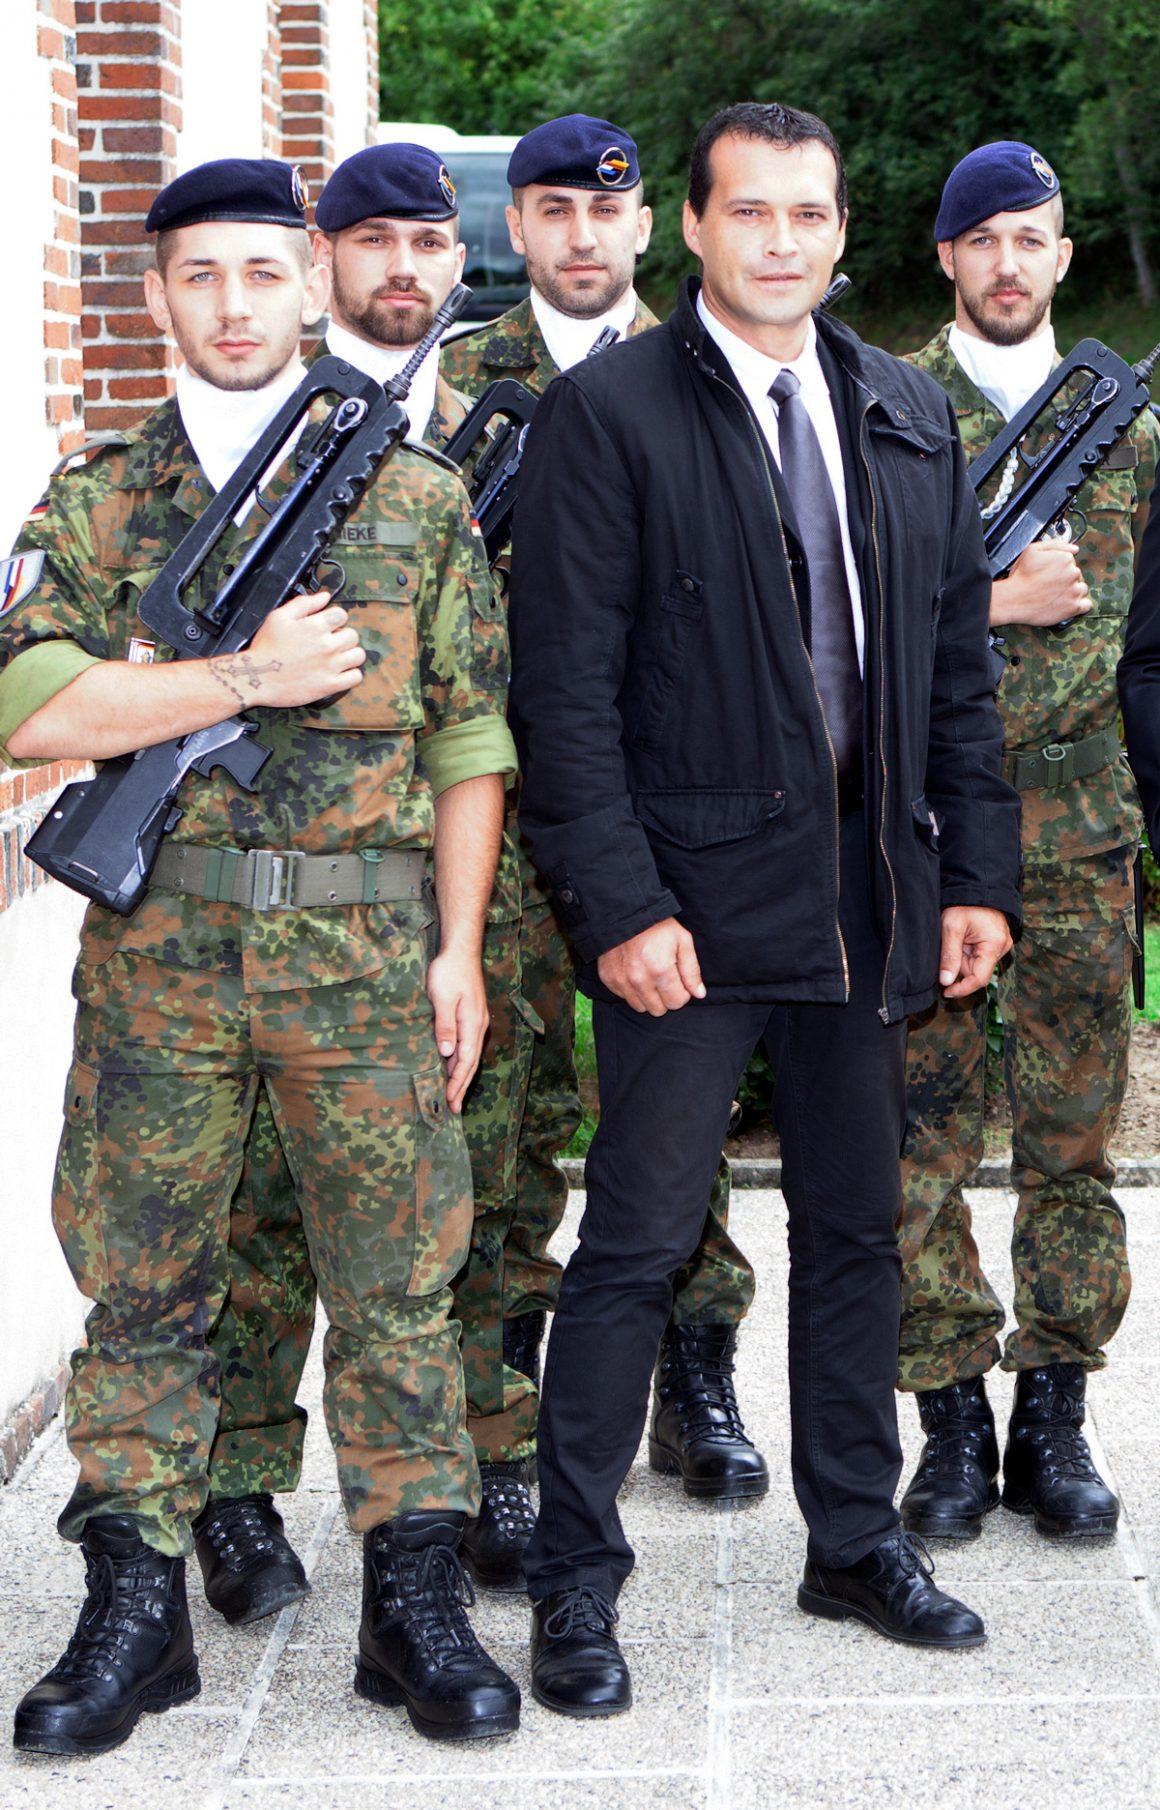 Martial Mutte specialiste en securite pose avec des Militaires